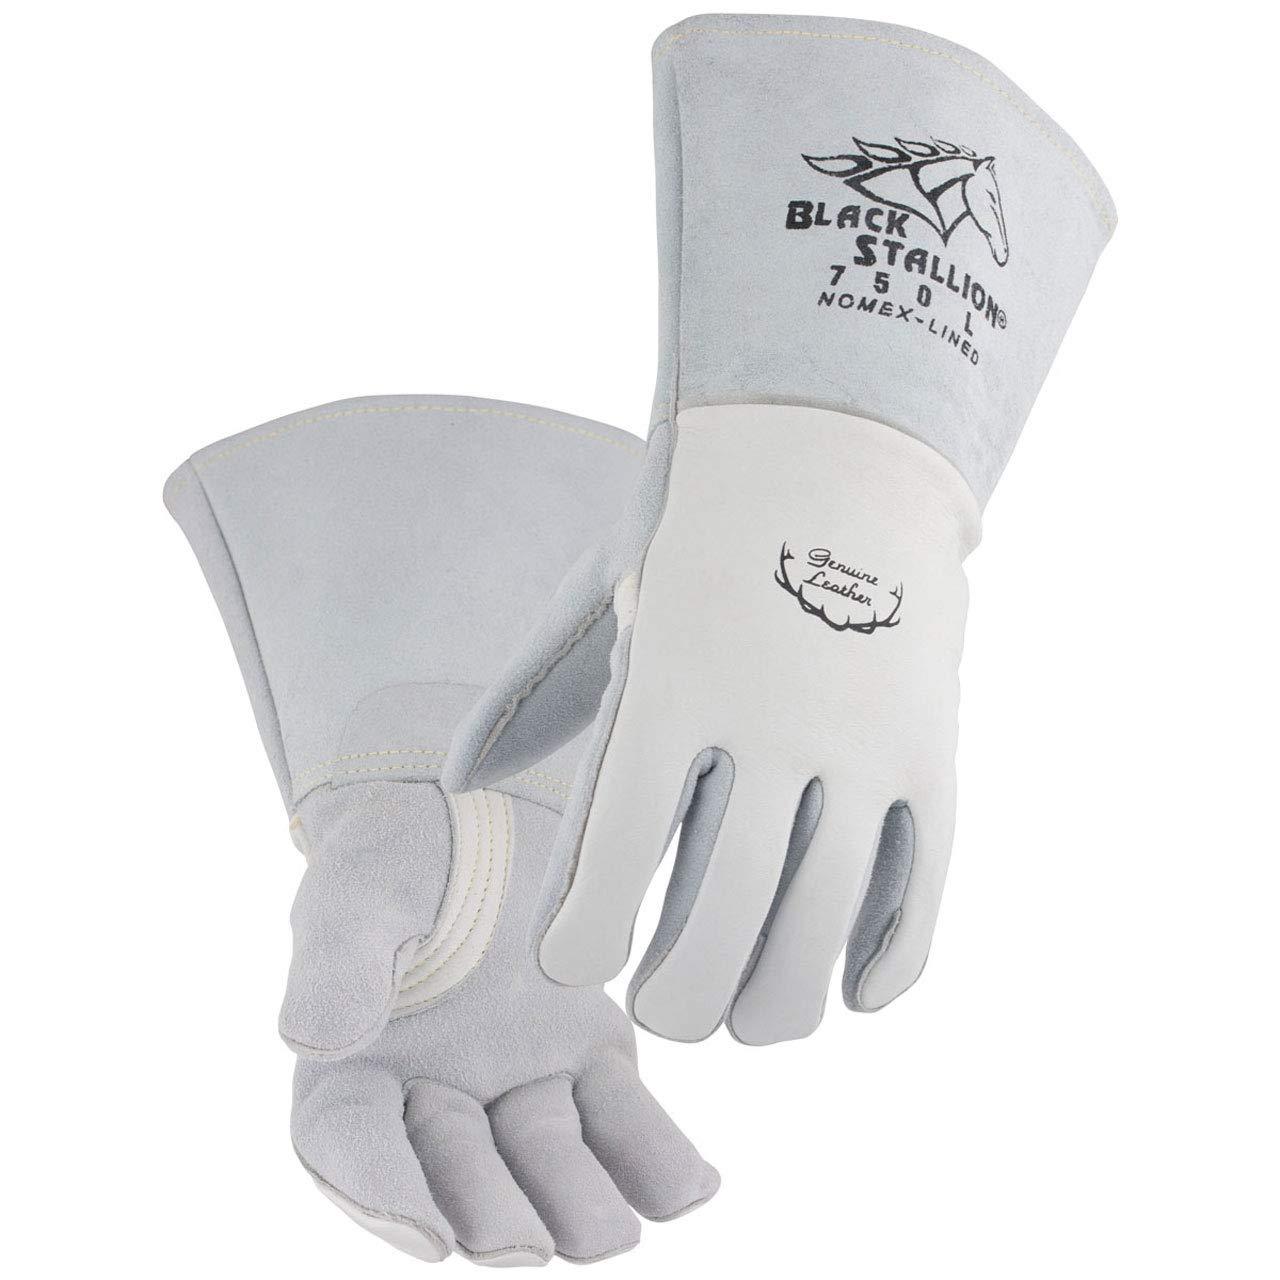 Black Stallion 750 Premium Grain Elkskin Stick Welding Gloves, Medium